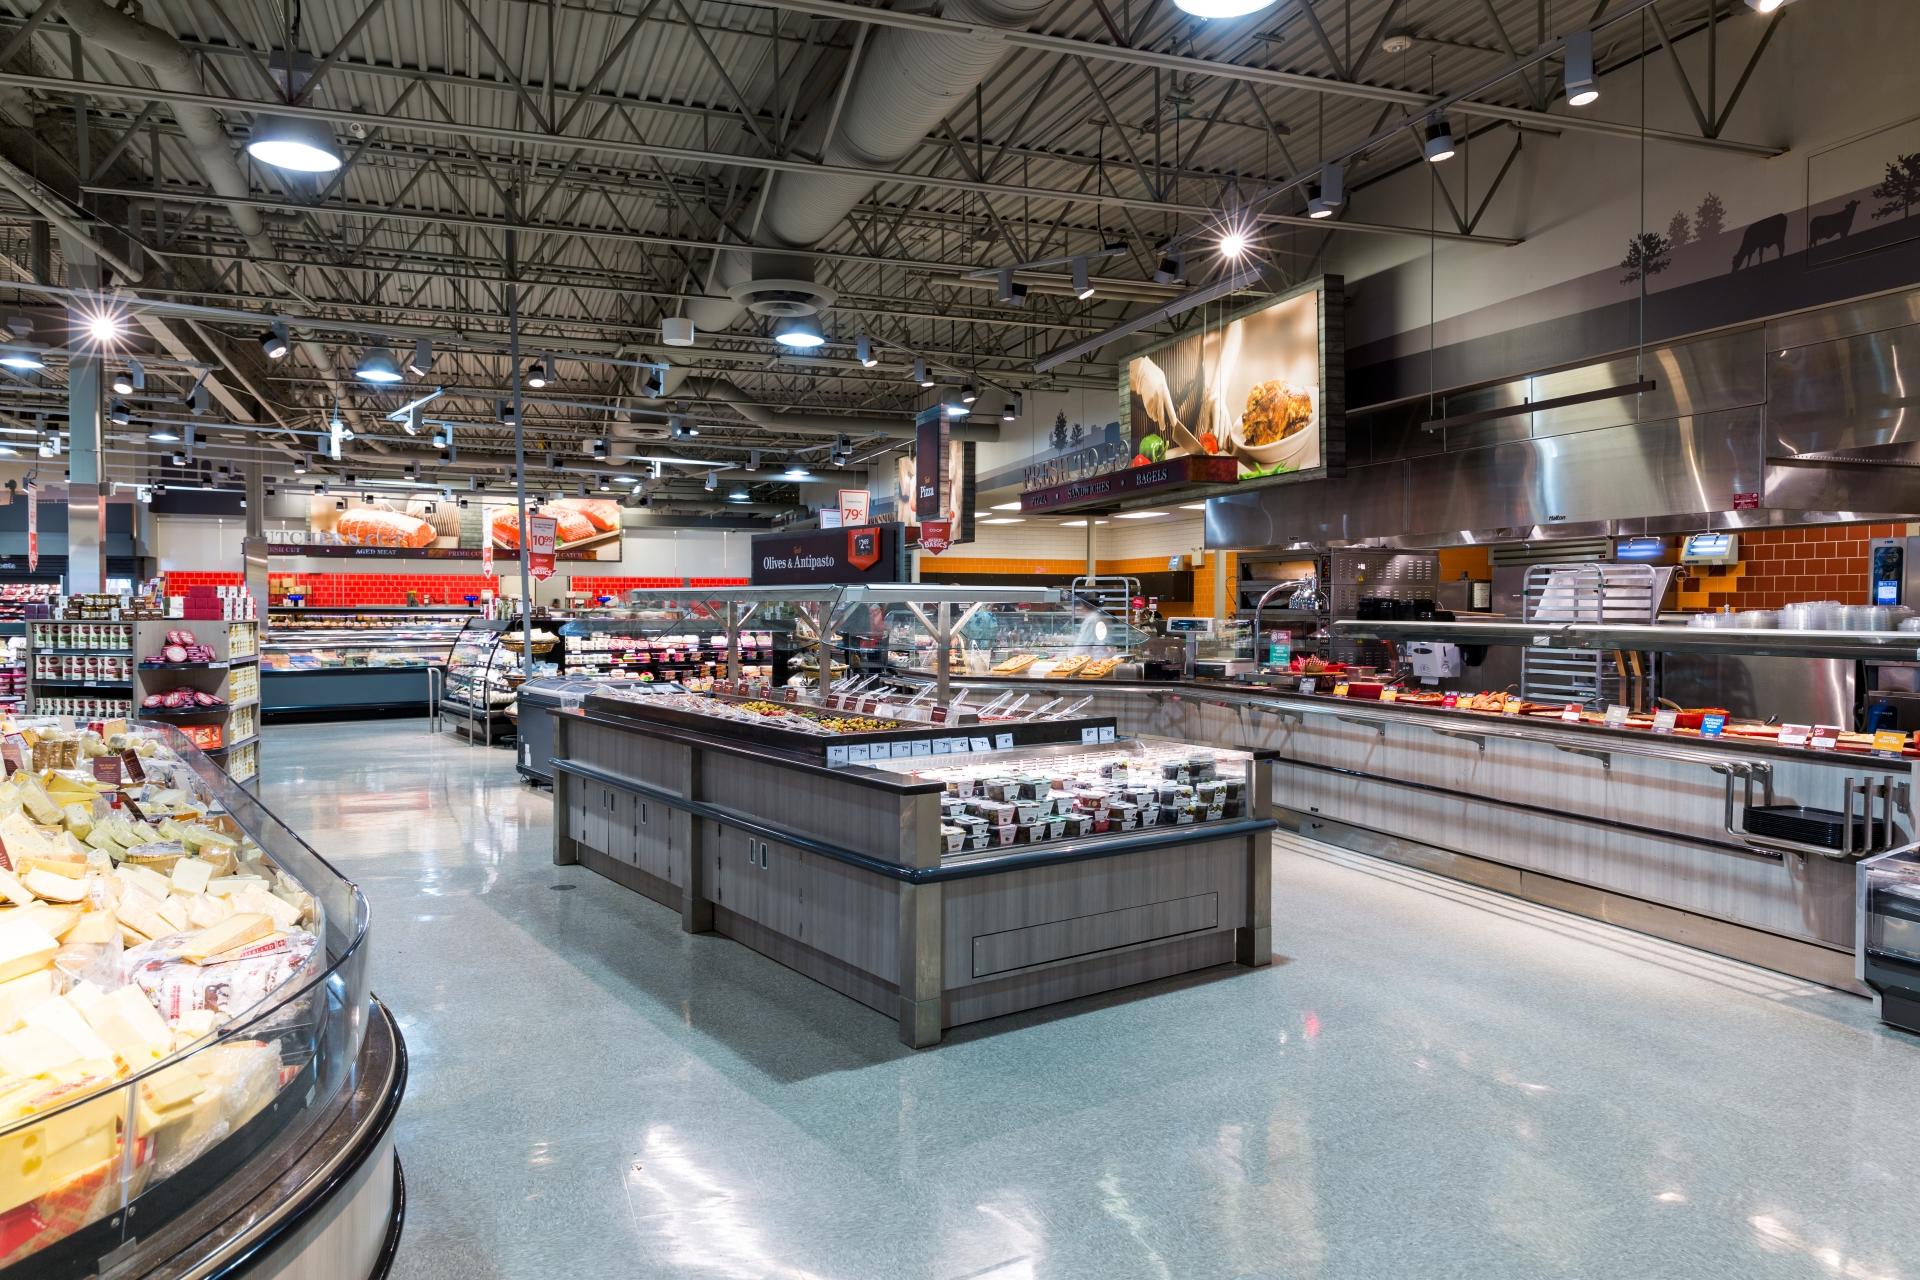 Co Op Food Store Edmonton